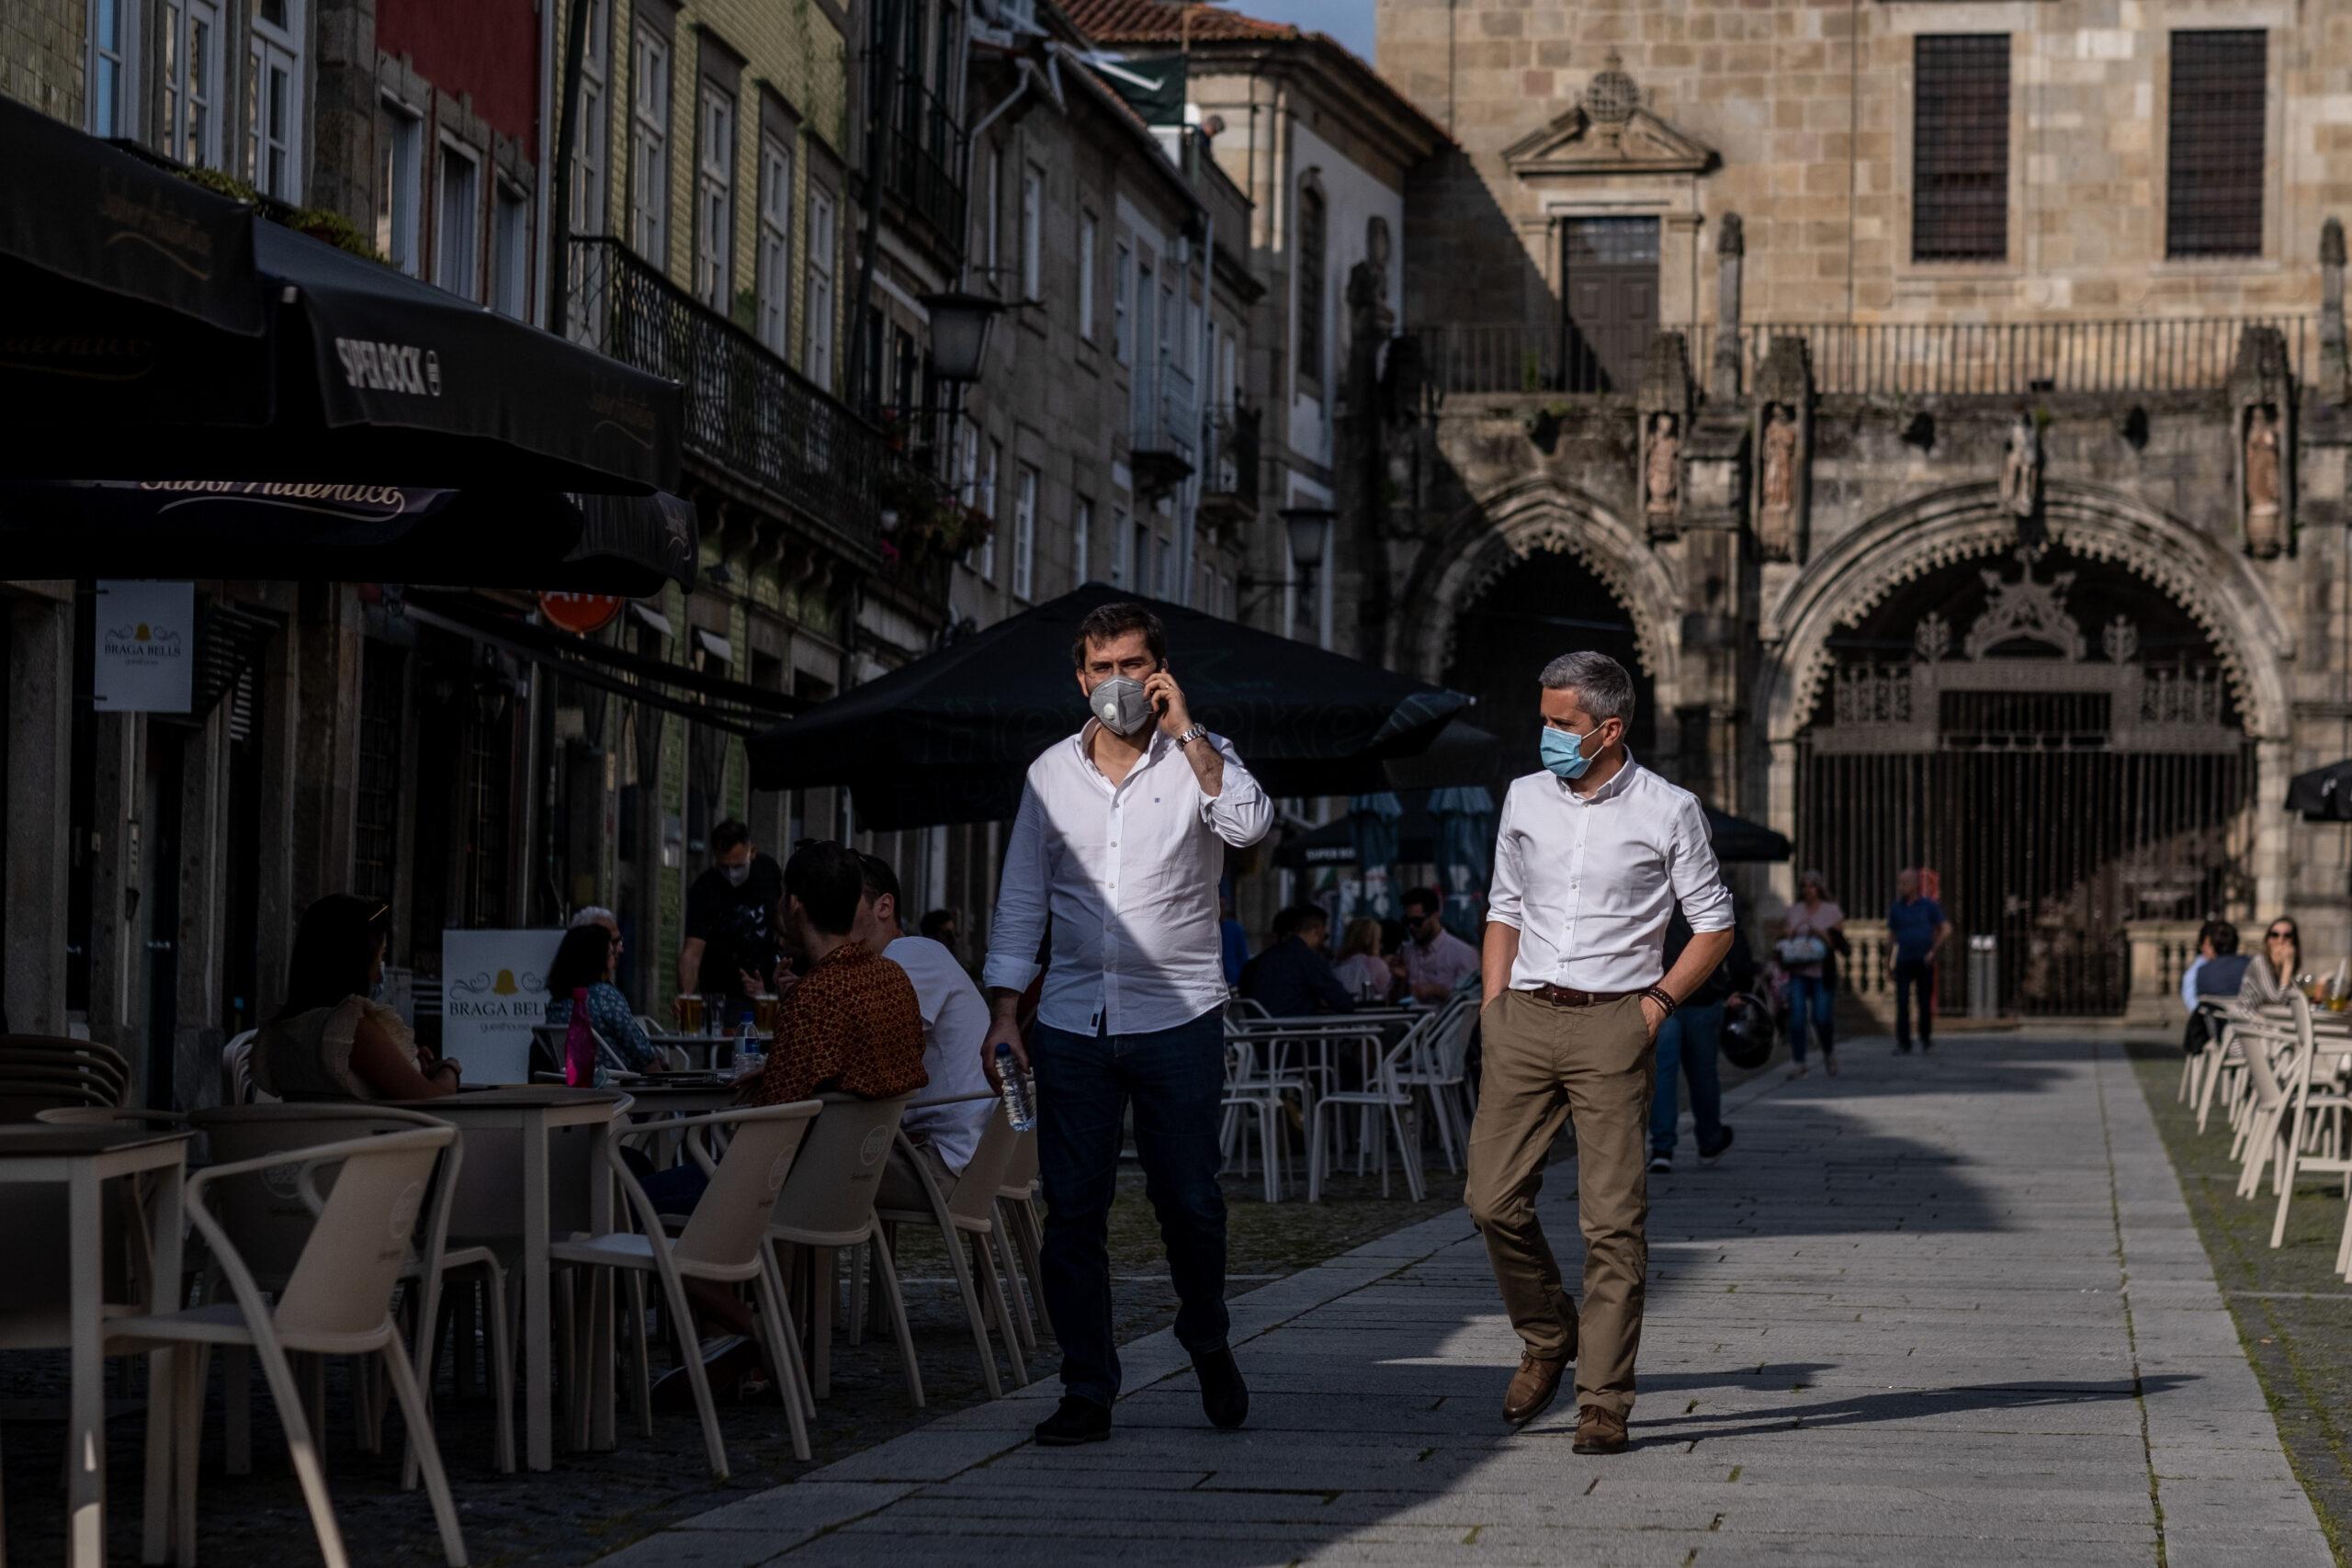 Deputados aprovam uso obrigatório de máscara na rua nos próximos 3 meses